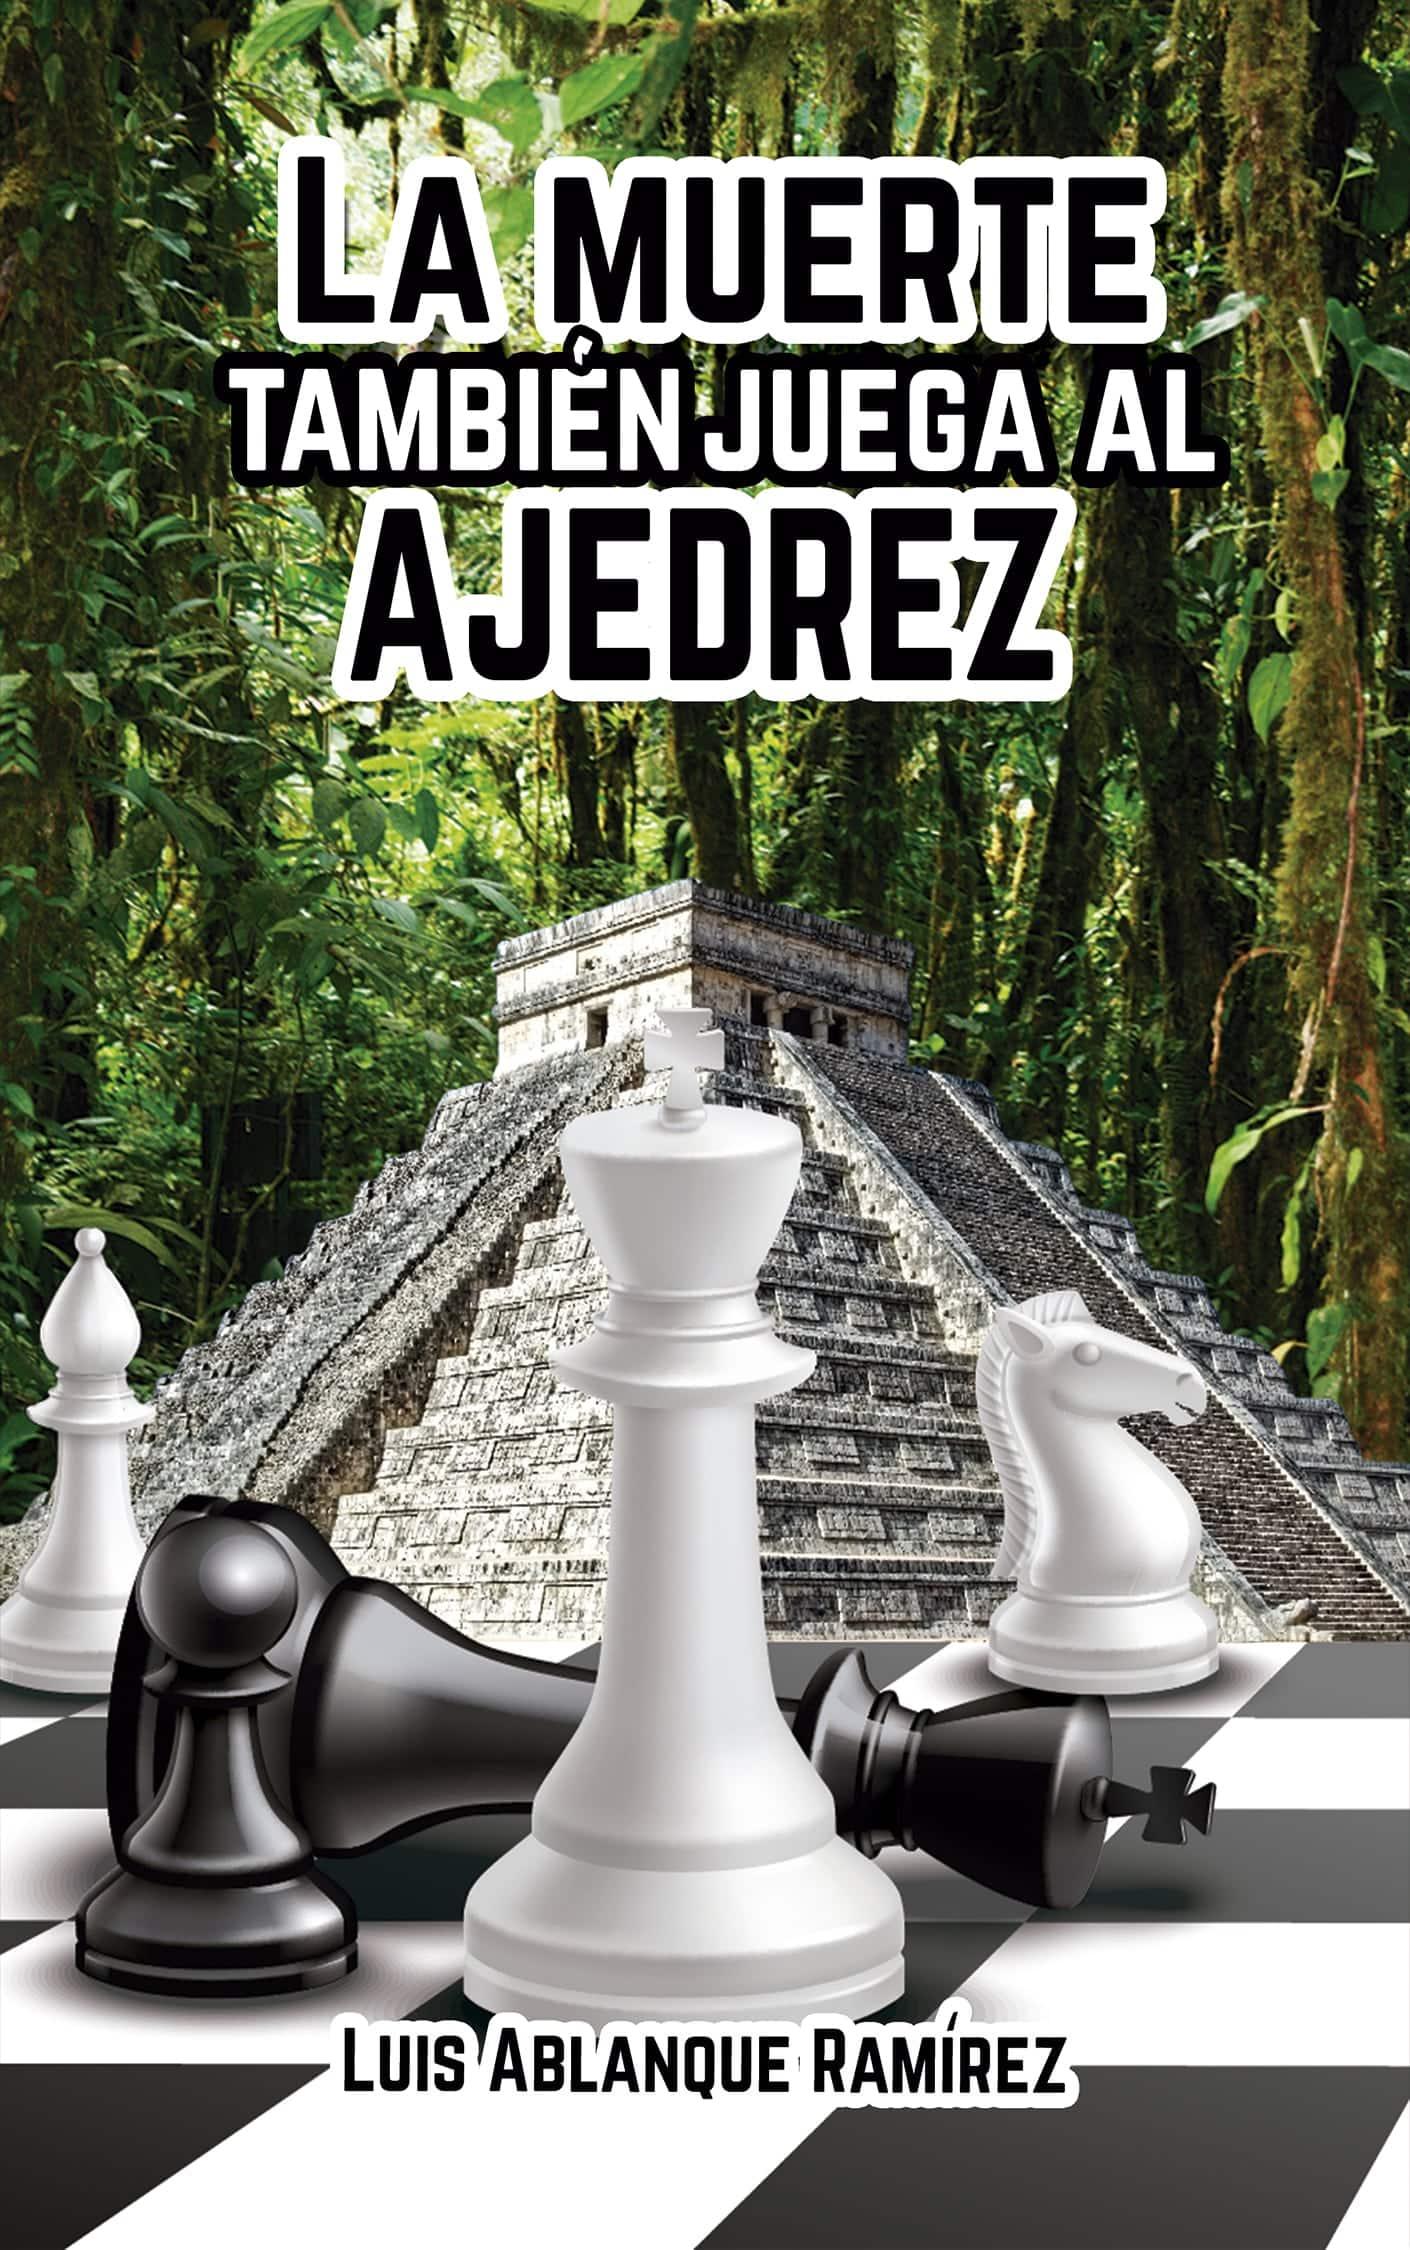 La muerte también juega al ajedrez Luis Ablanque Ramírez